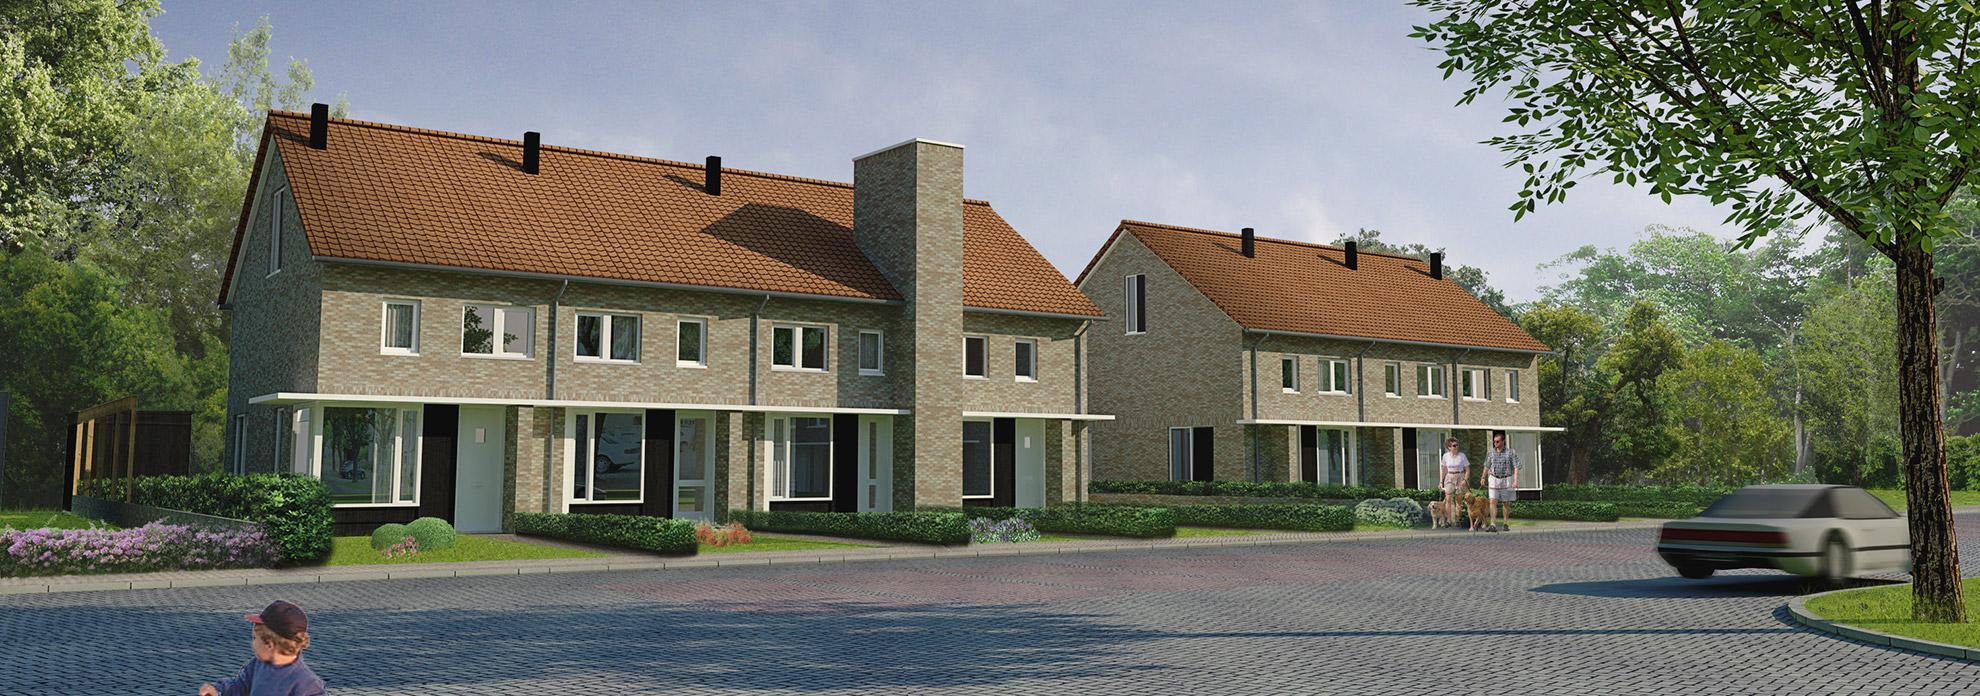 huizen-wide